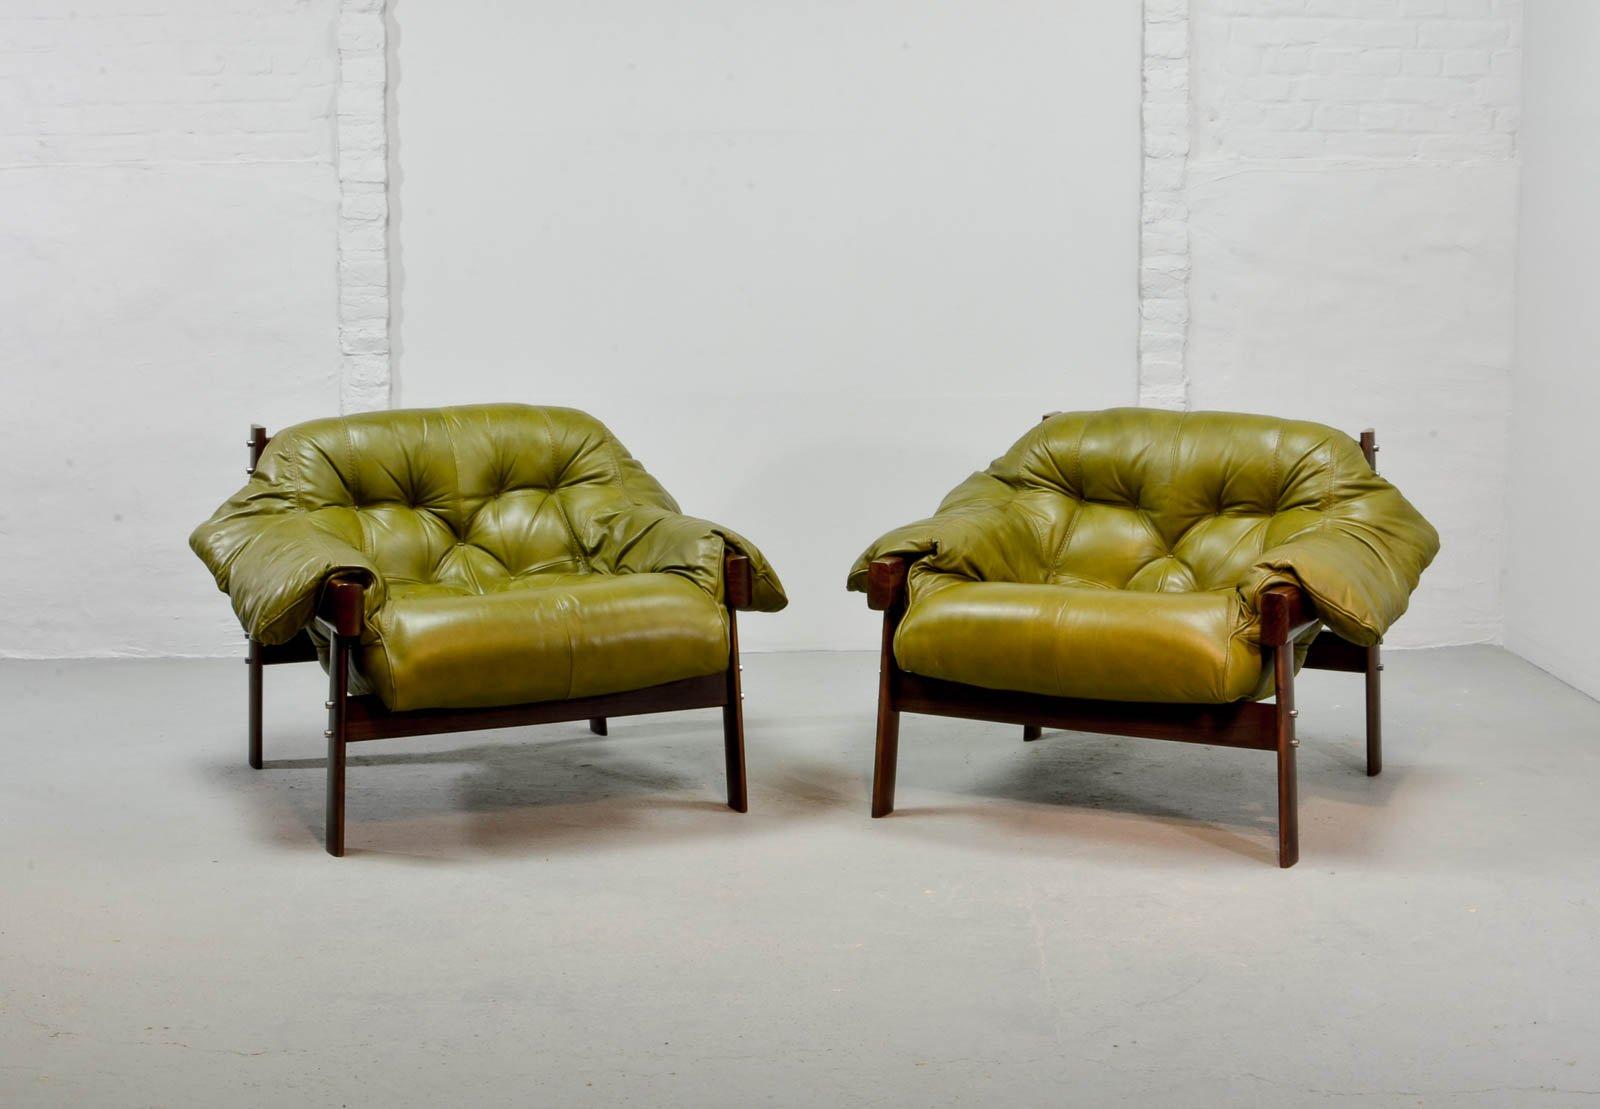 Magnífico Muebles Otomana Redondo De Color Verde Patrón - Muebles ...